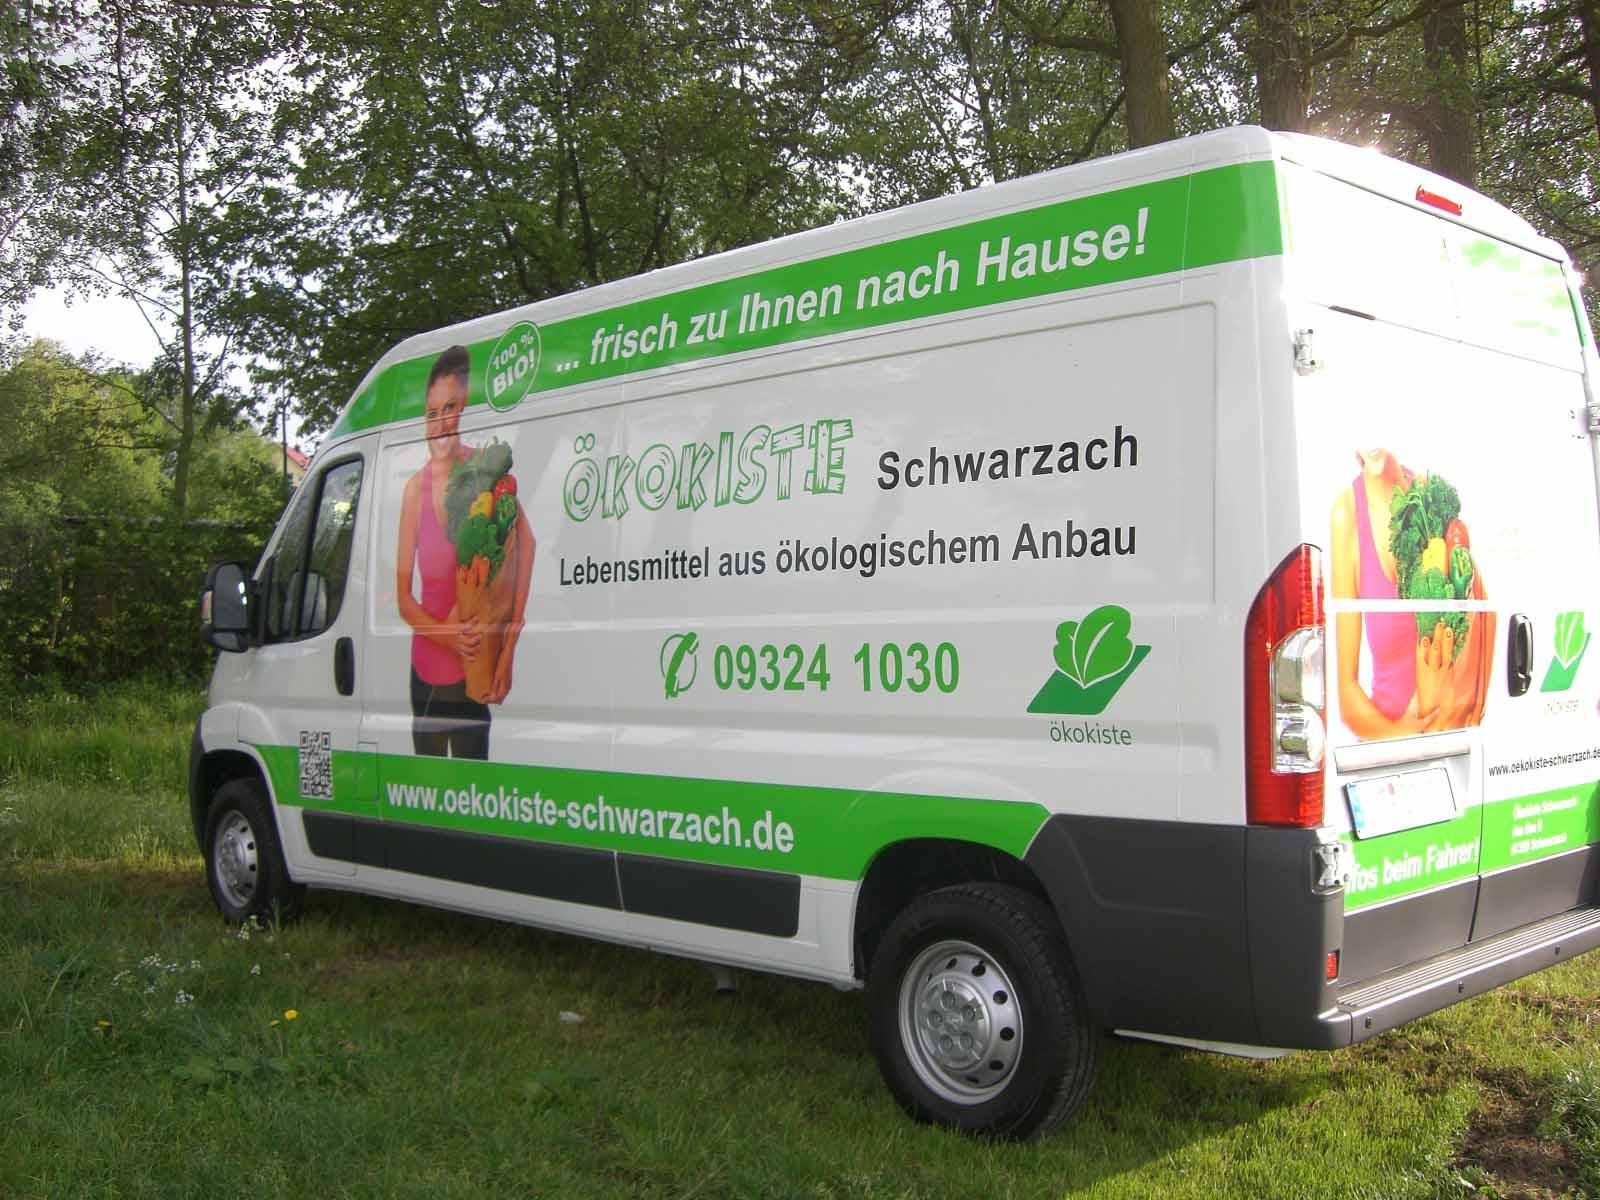 Ökokiste Abokiste Schwarzach